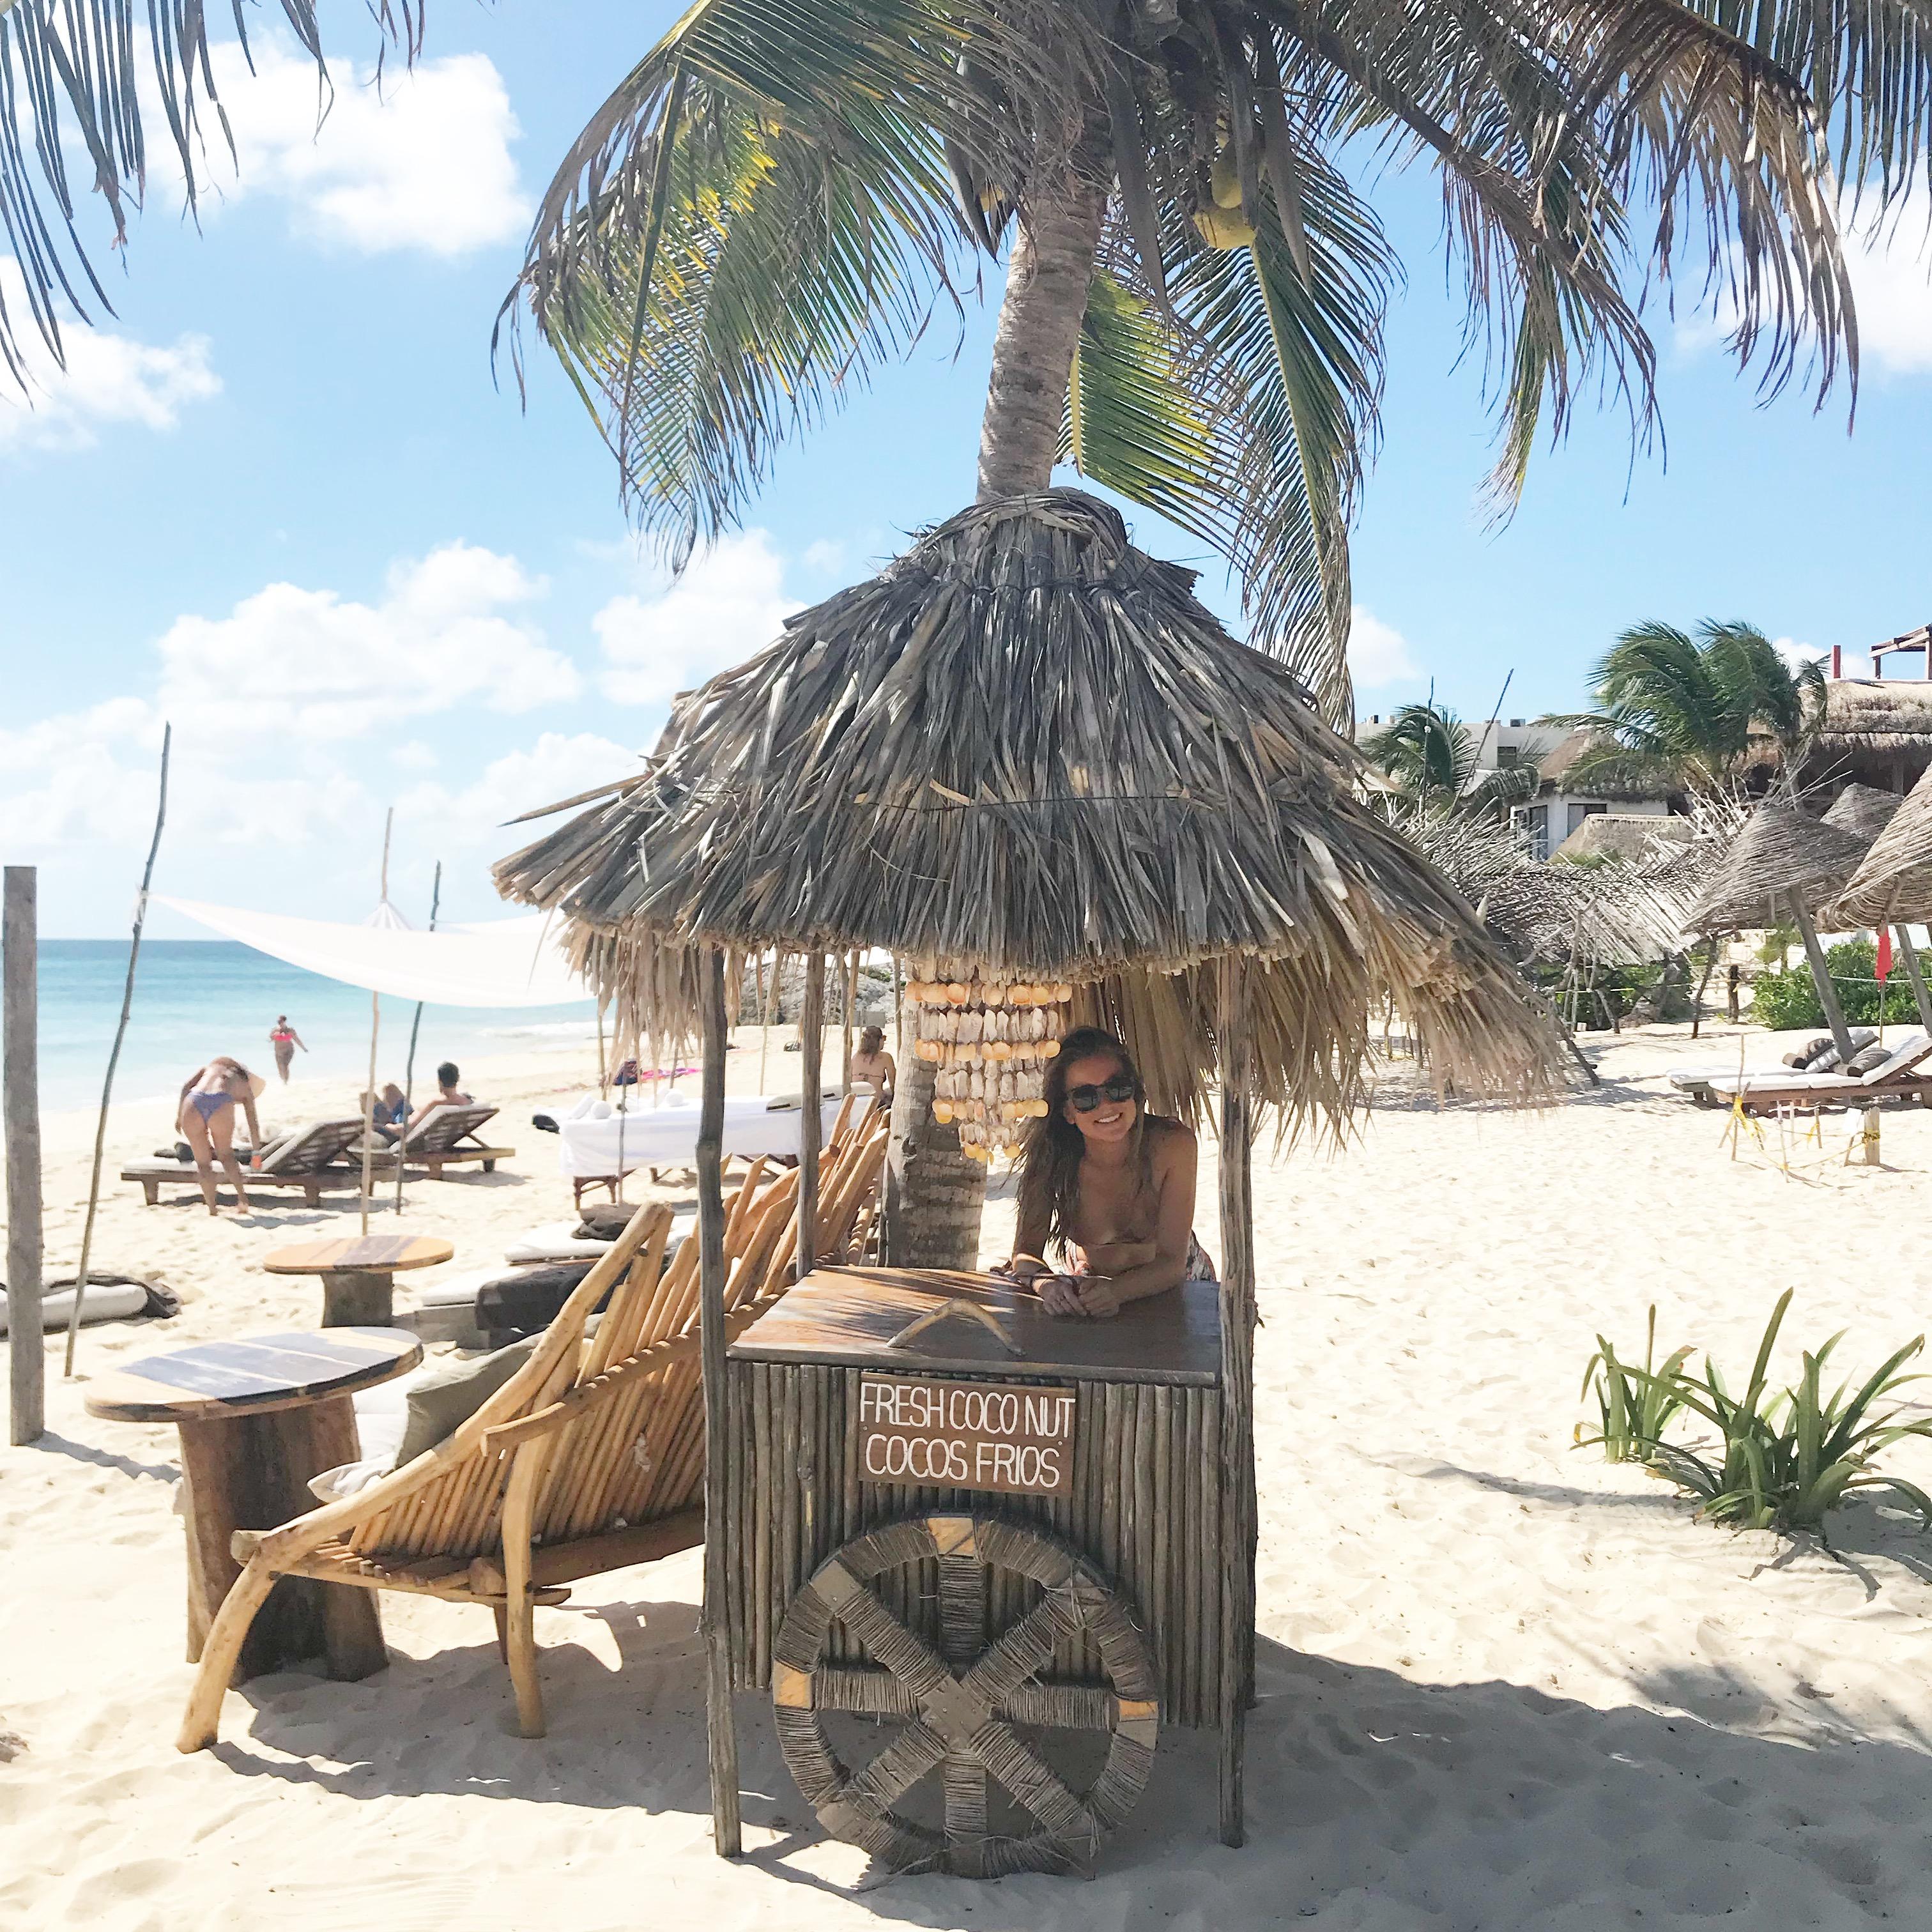 Chelsea Gilson Luxury travel blogger